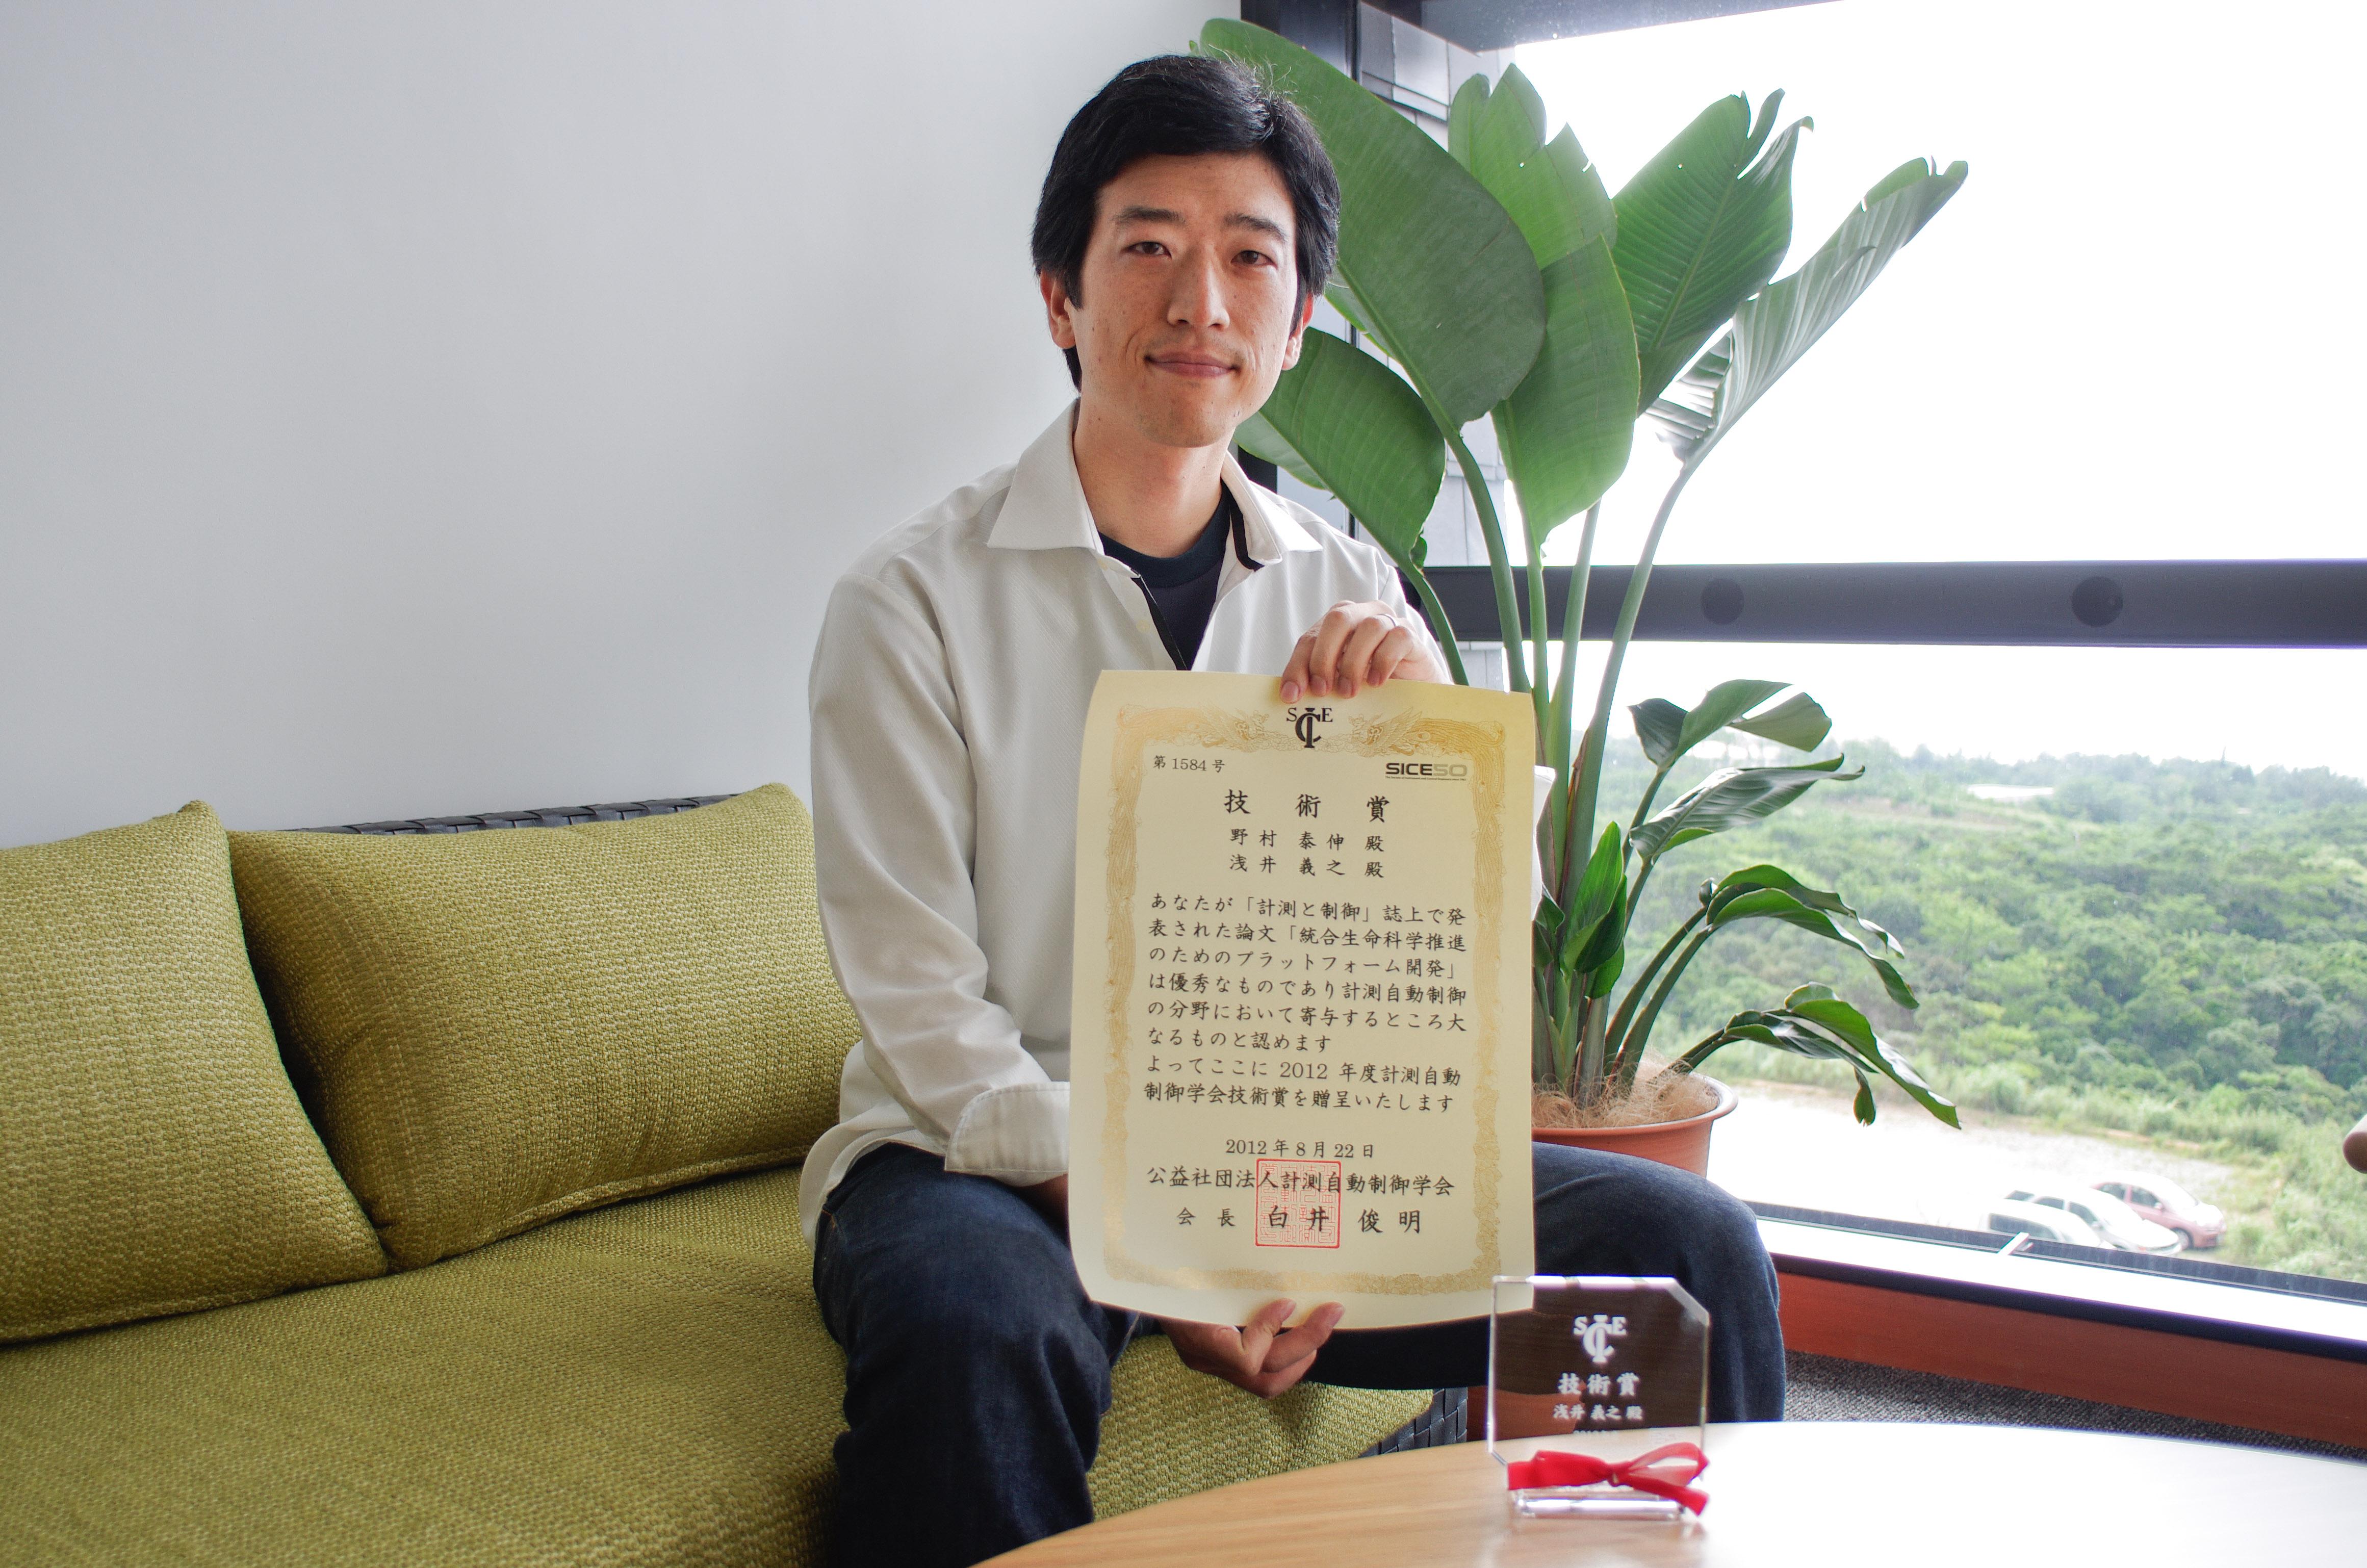 浅井義之博士